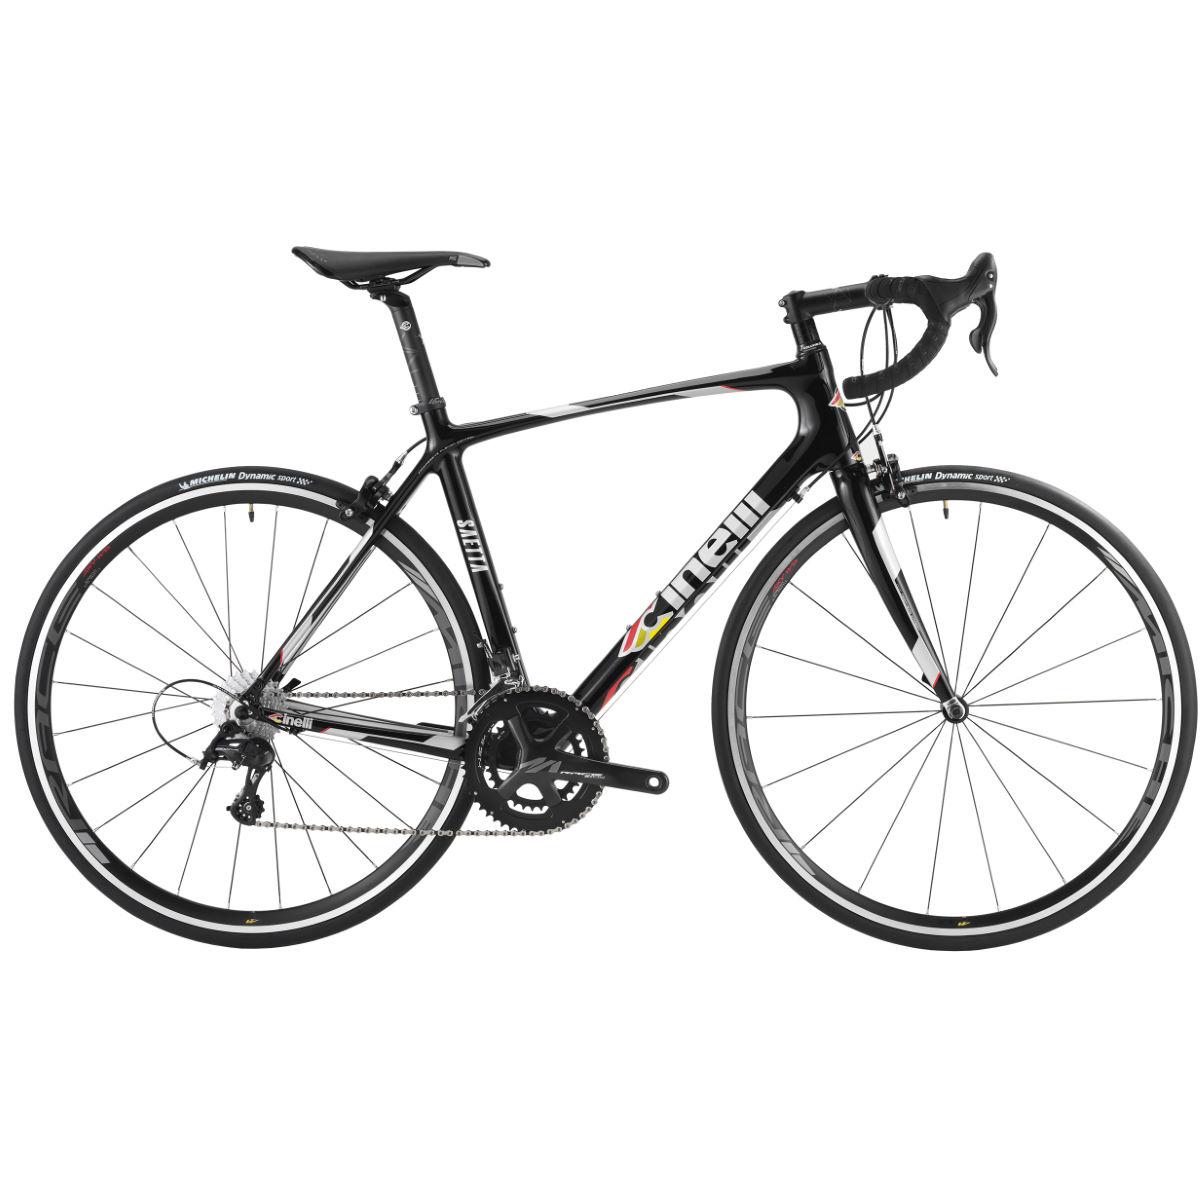 Cinelli Saetta Centaur Bikes